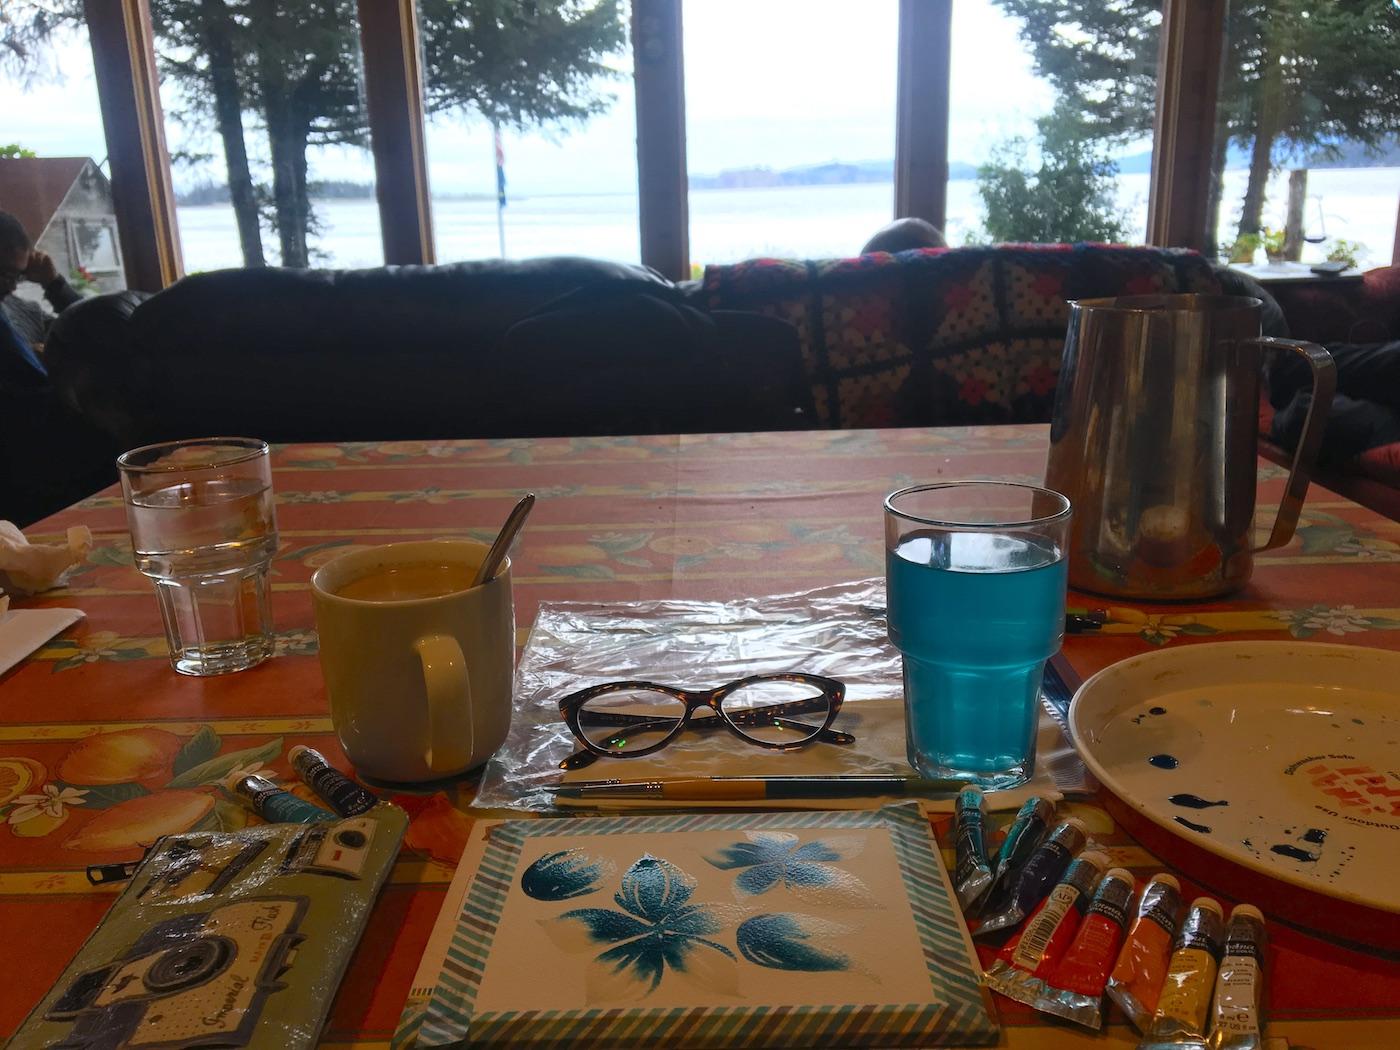 Dipingere in viaggio - Itinerario di 10 giorni in Alaska - penisola del Kenai